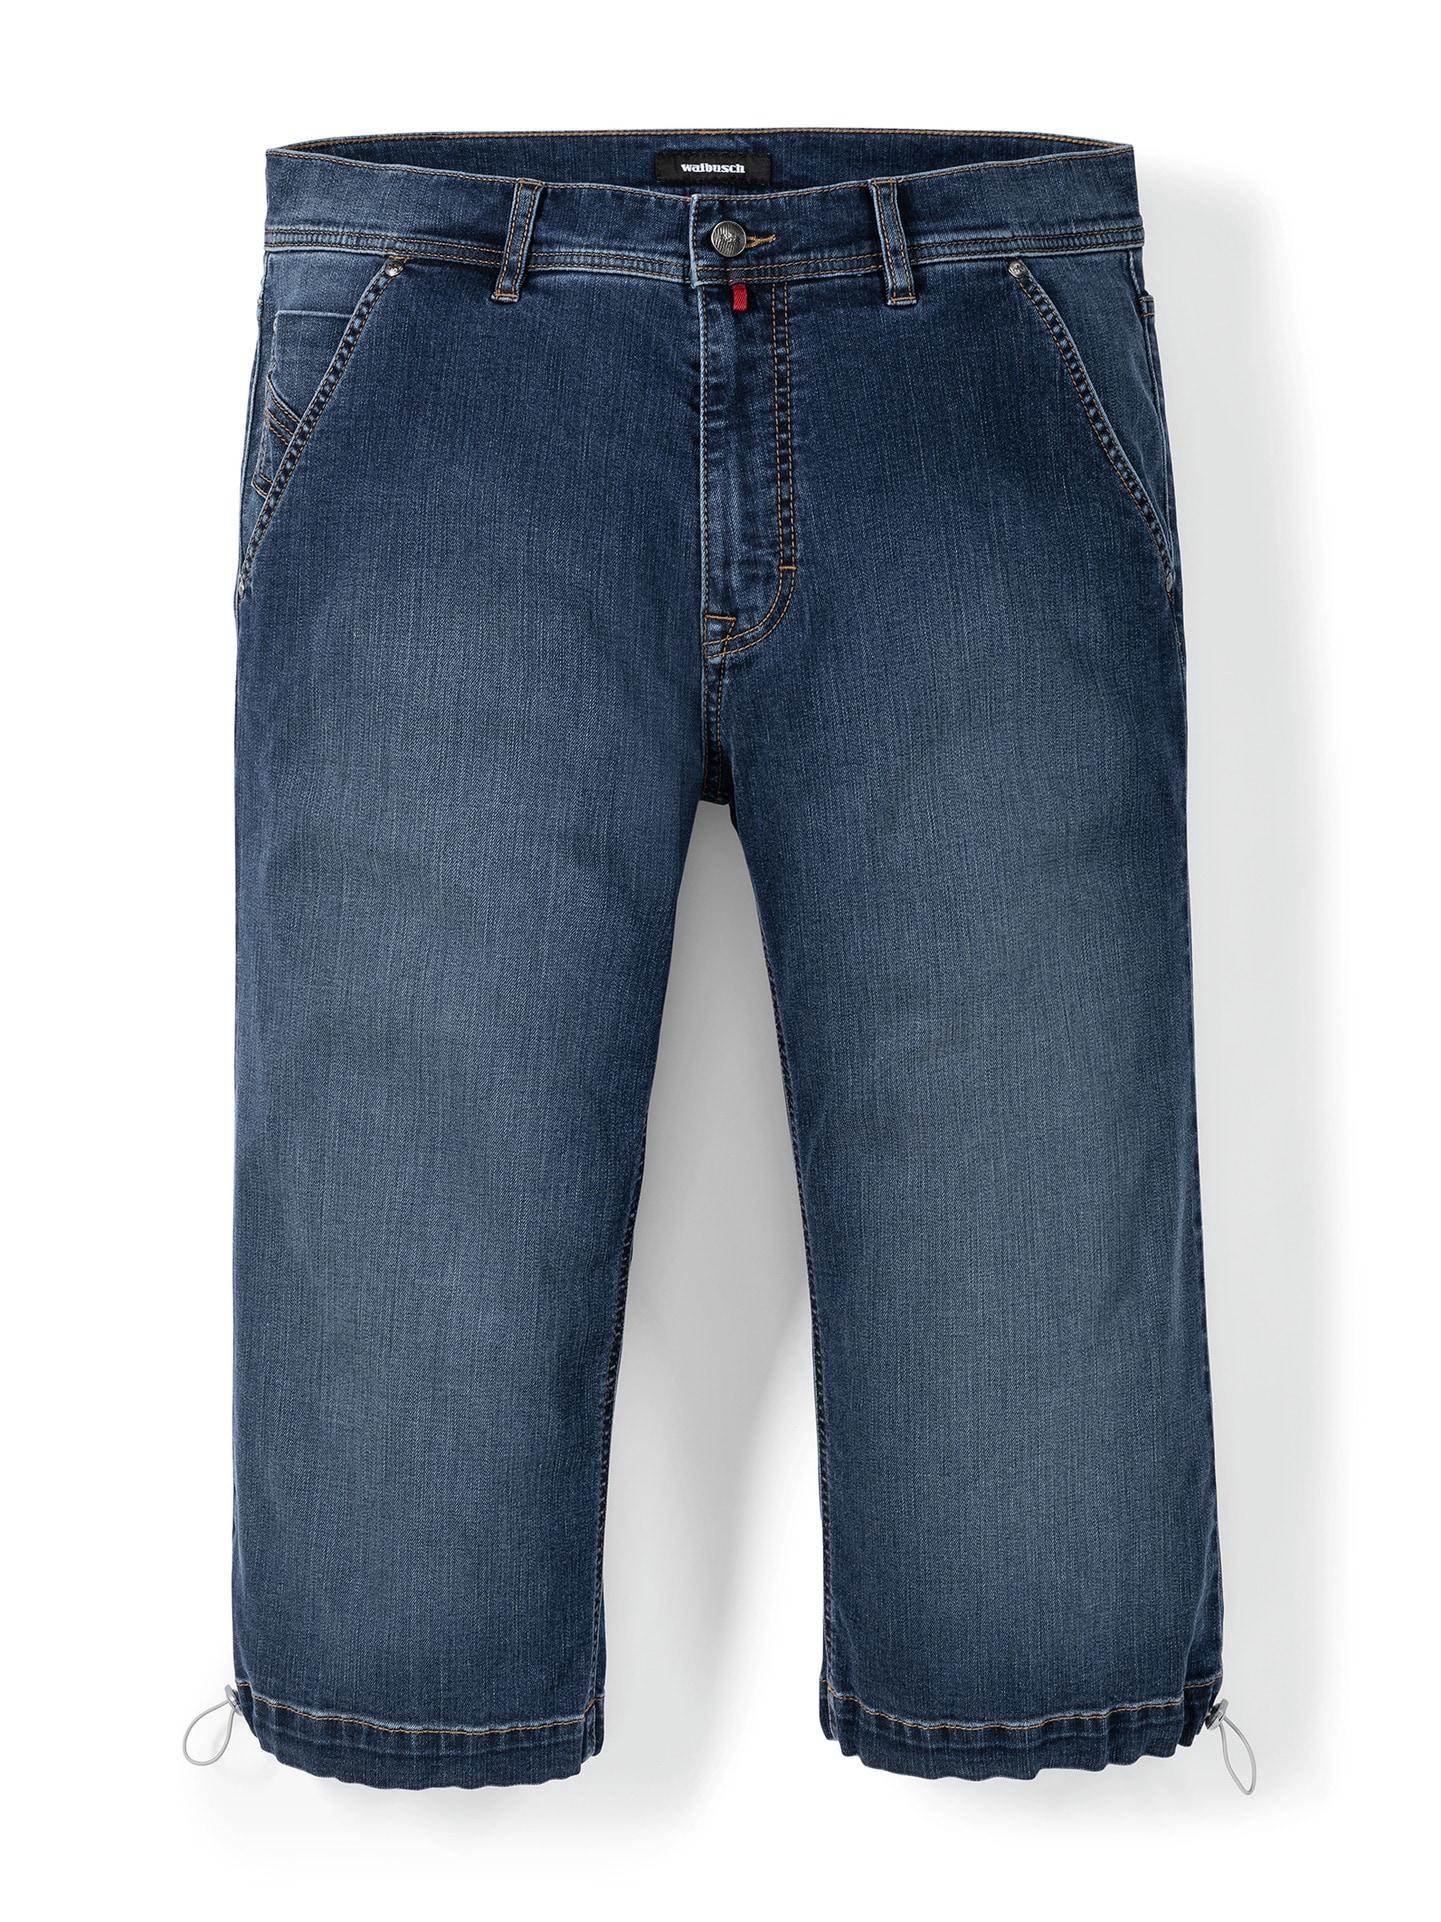 Walbusch Herren Siebenachtel-Jeans Regular Fit Blau einfarbig flexibler Bund 24, 25, 26, 27, 28, 29, 48, 50, 52, 54, 56, 58 24-3967-3_MV75556